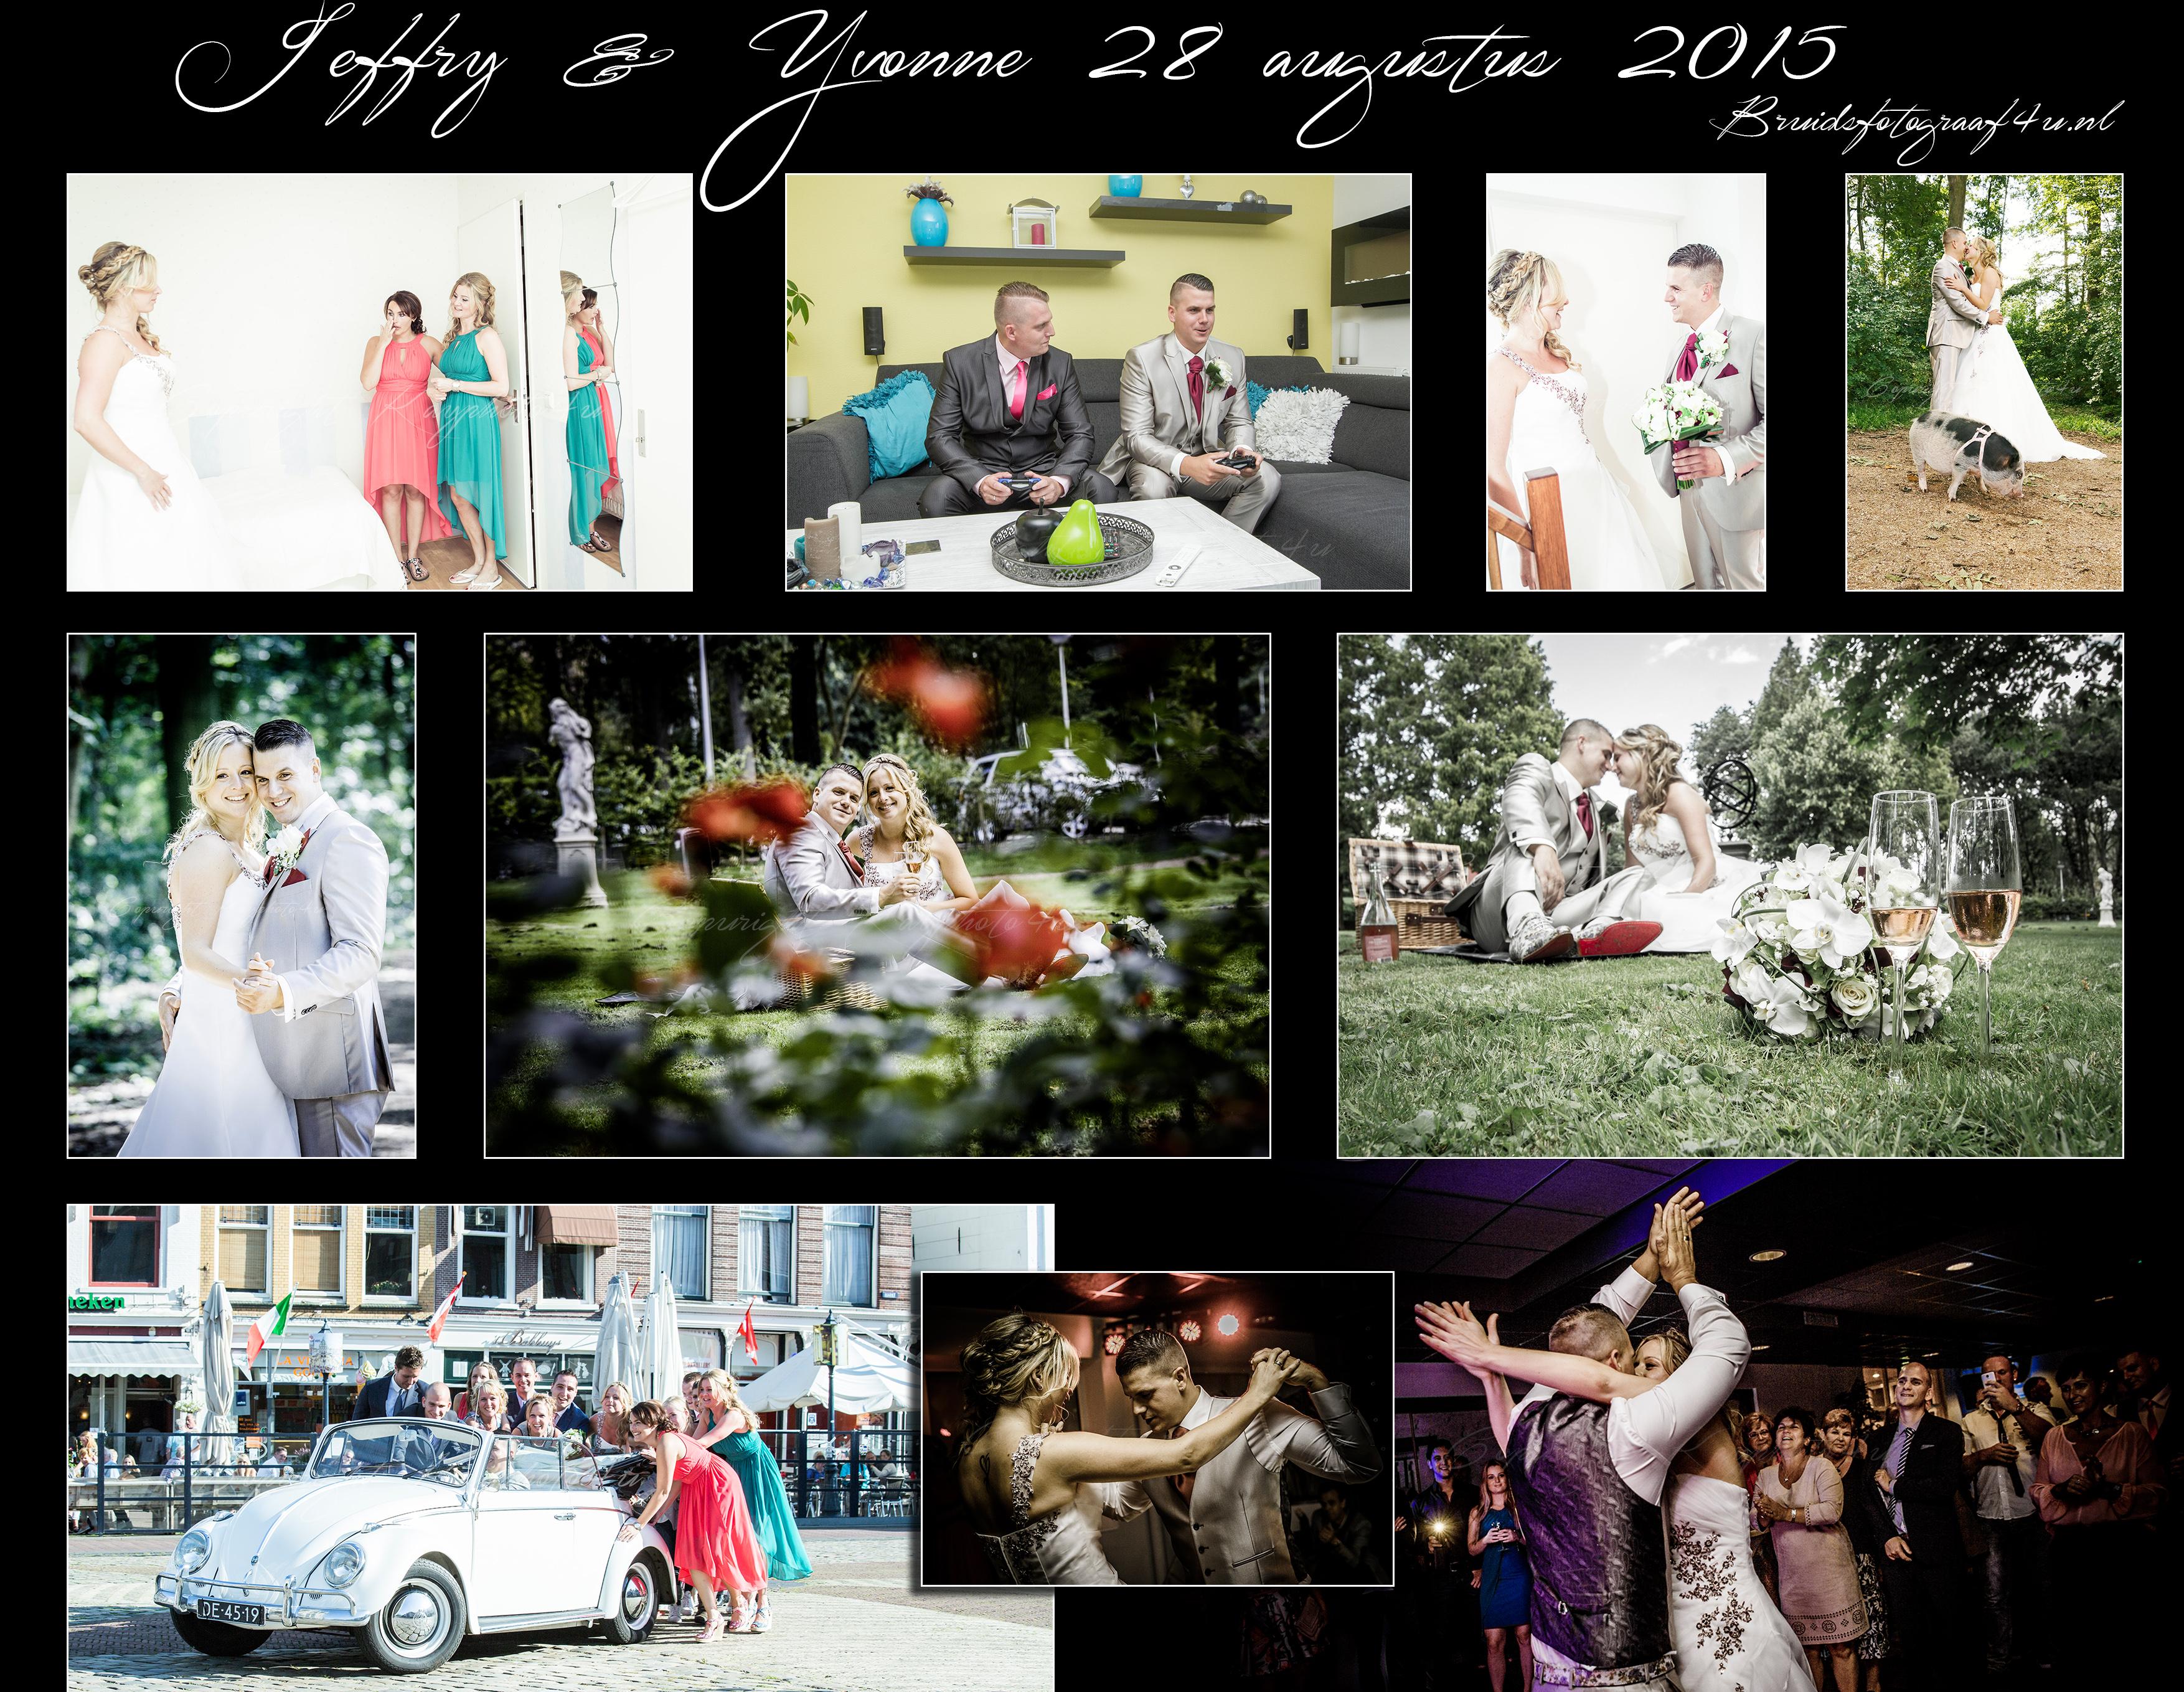 Bruidsreportage Jeffry & Yvonne, Kayphoto4u, bruidsfotograaf4u, Bruidsreportage Amersfoort, bruidsreportage Gouda, bruidsreportage, bruidsreportage Amersfoort, bruidsreportage Vathorst, Trouwfotograaf Amersfoort, Trouwfotograaf Gouda, Trouwen Gouda, fotograafofferte, fotograaf offerte, trouwfotograaf offerte, bruidsfotograaf offerte